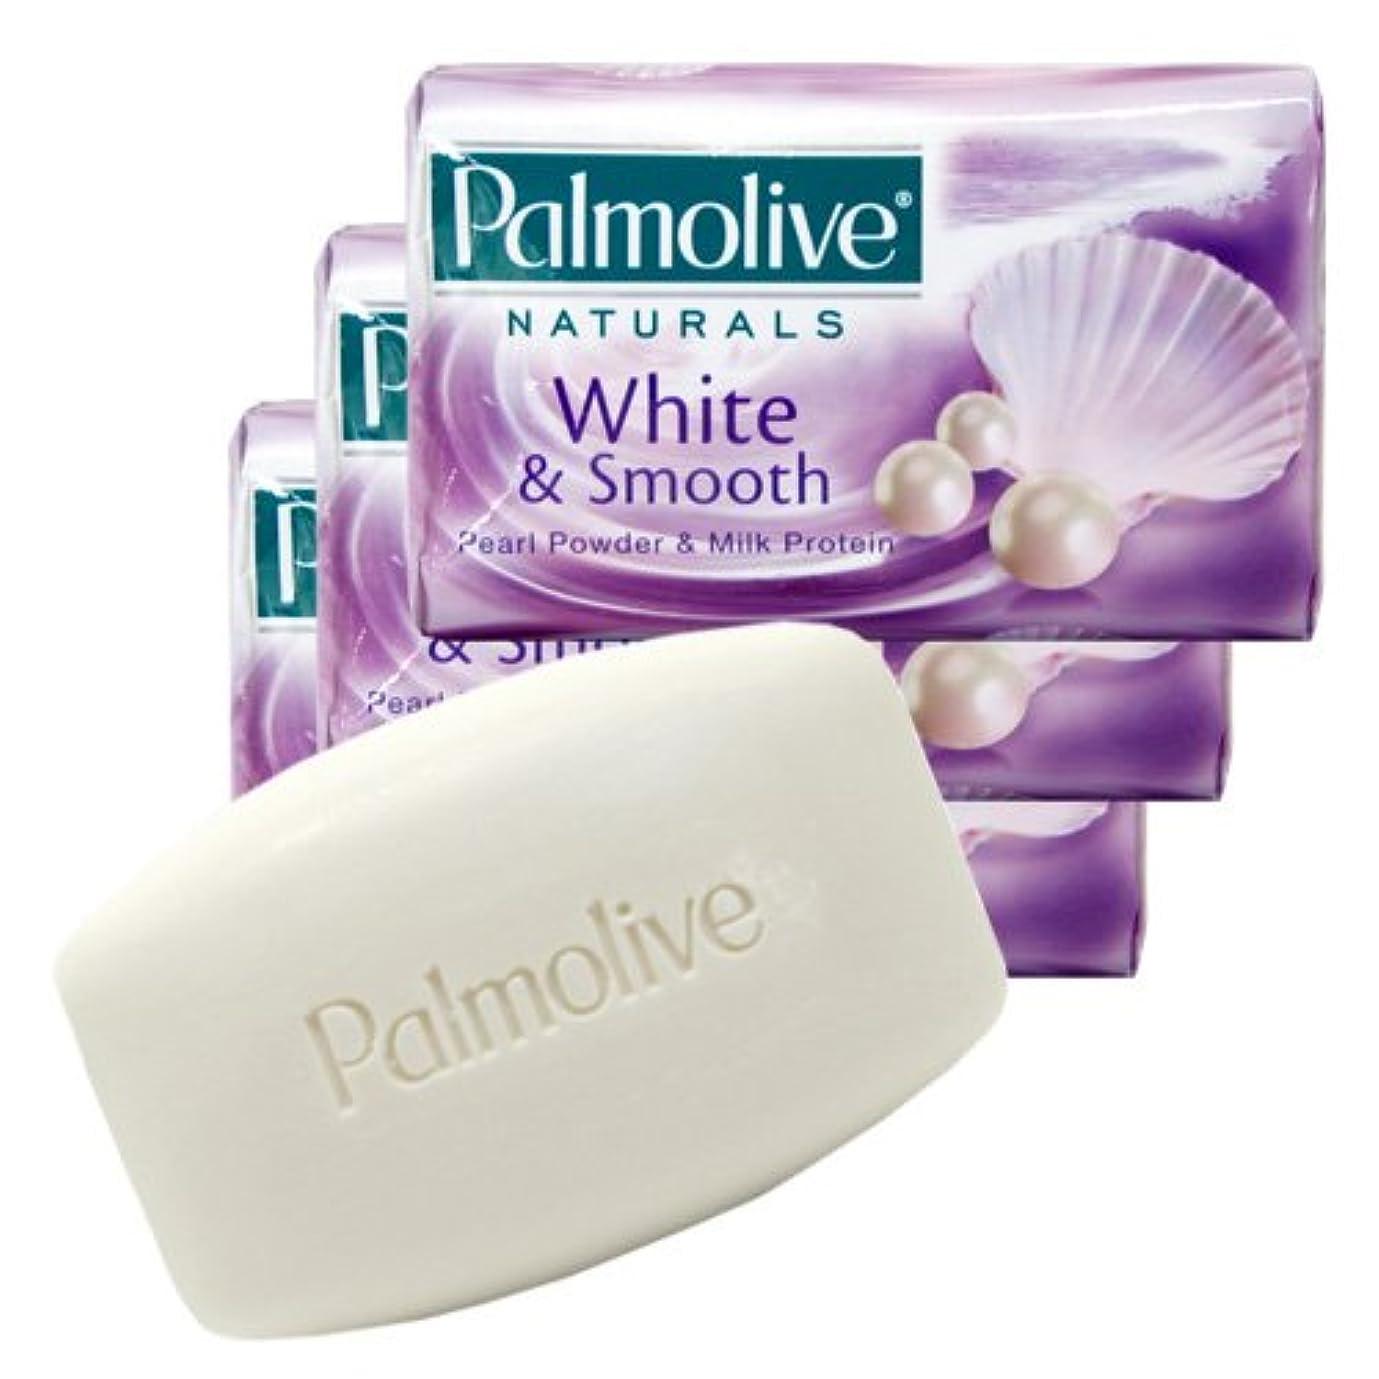 放射能バブル悔い改め【Palmolive】パルモリーブ ナチュラルズ石鹸3個パック ホワイト&スムース(パールパウダー&ミルクプロテイン)80g×3